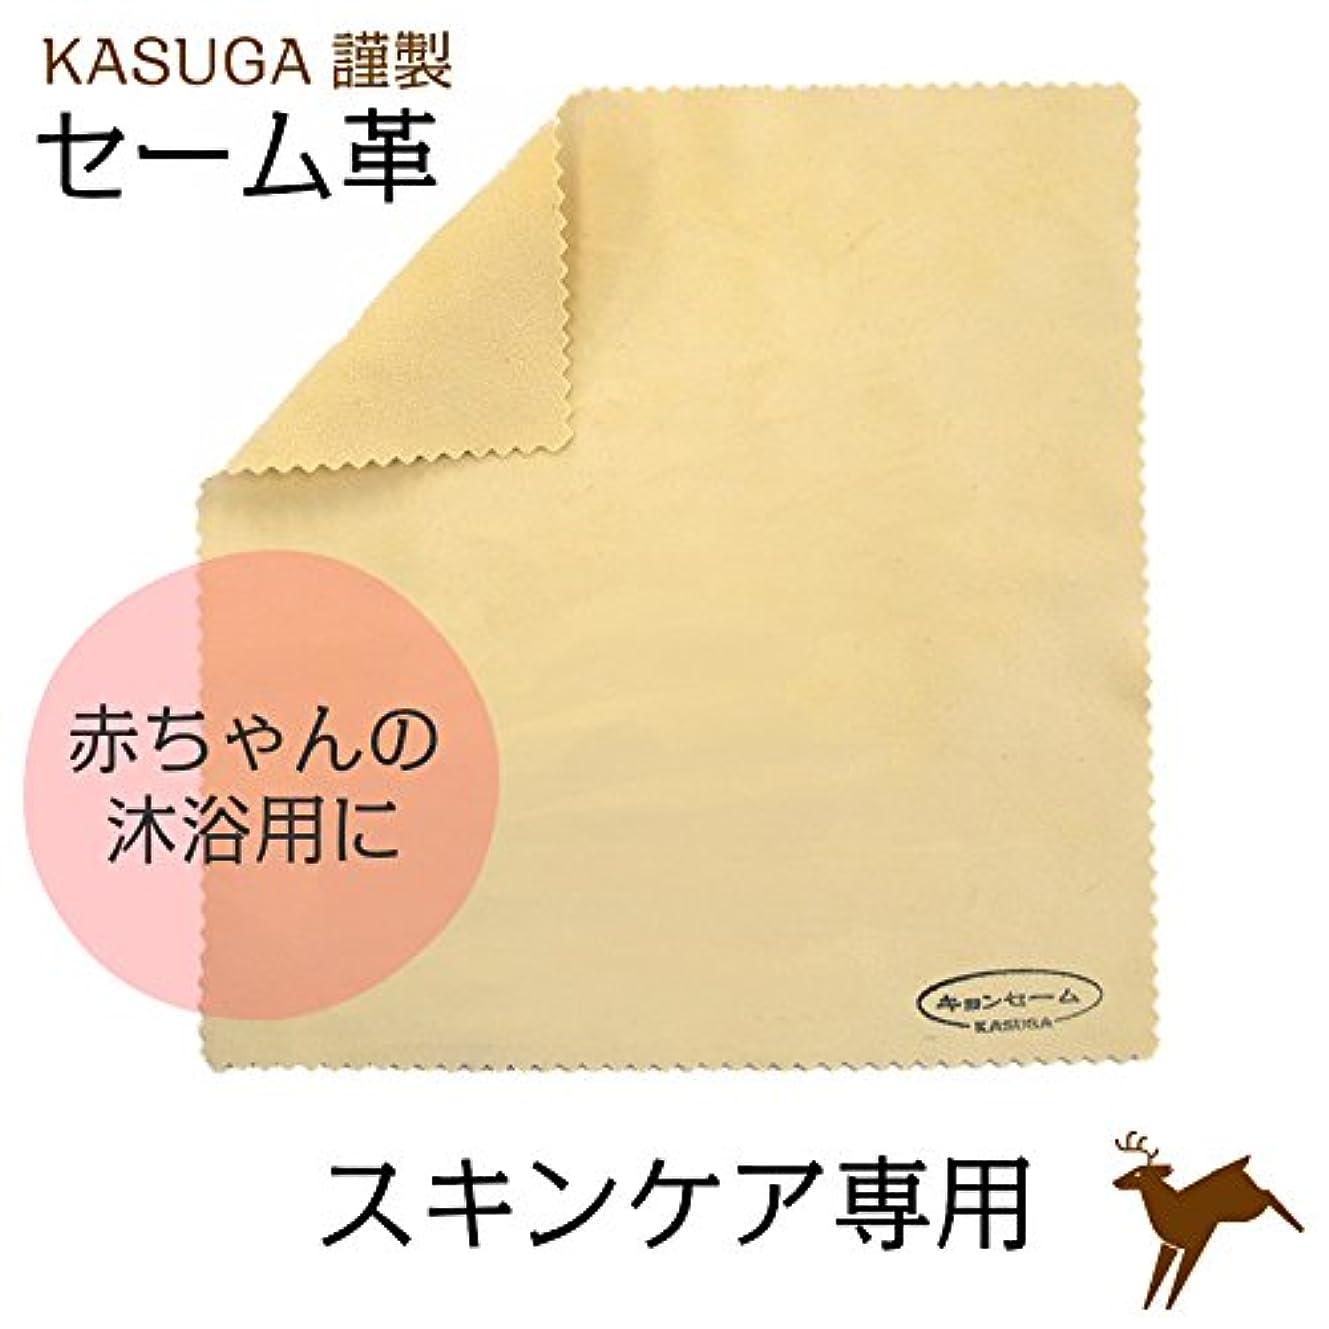 申込み獣器具春日カスガ謹製 スキンケア専用キョンセーム革 20cm×20cm